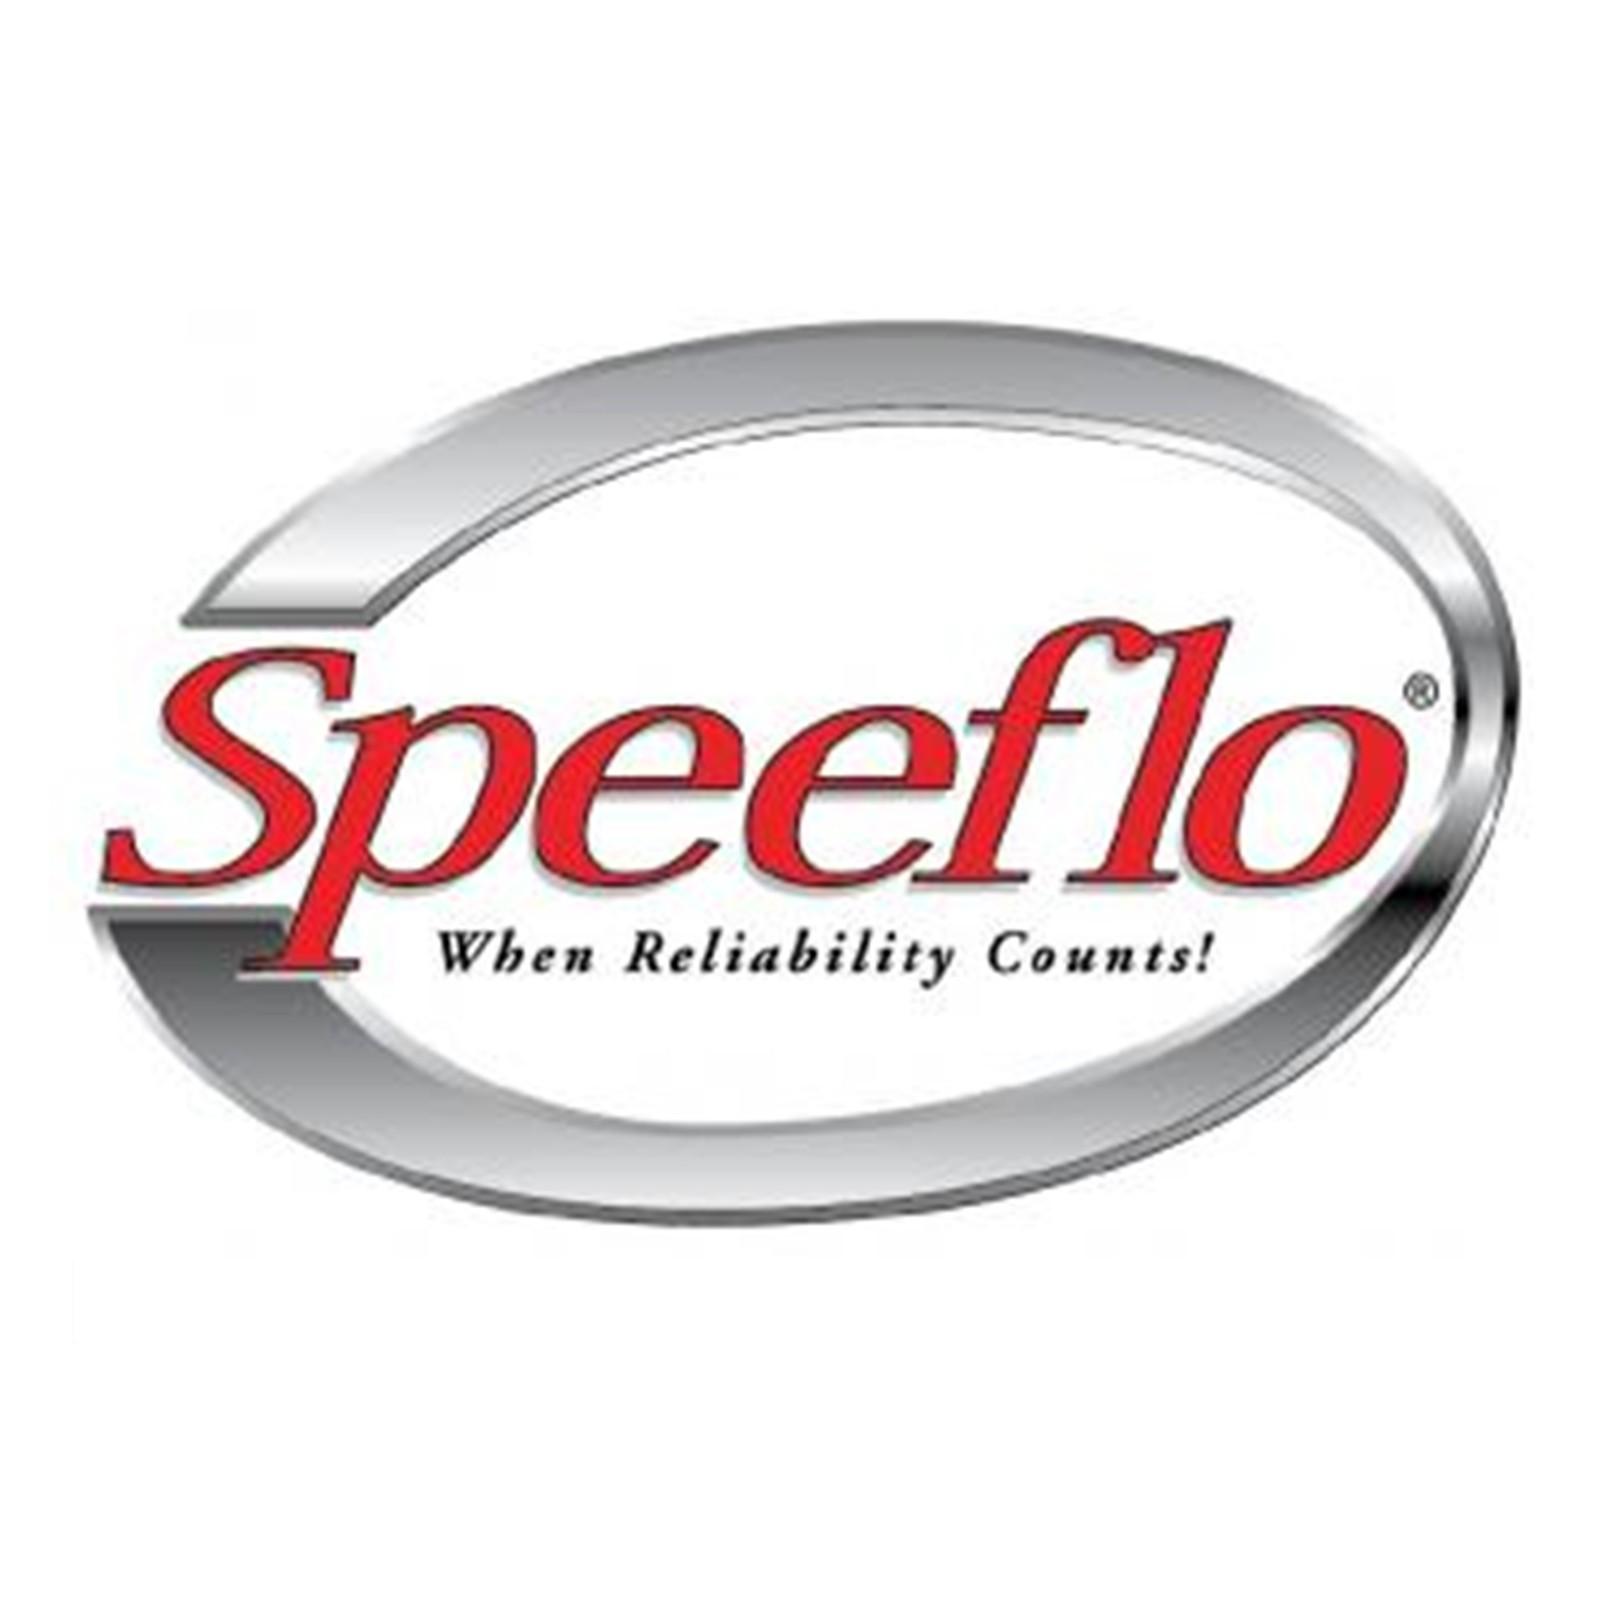 Speeflo